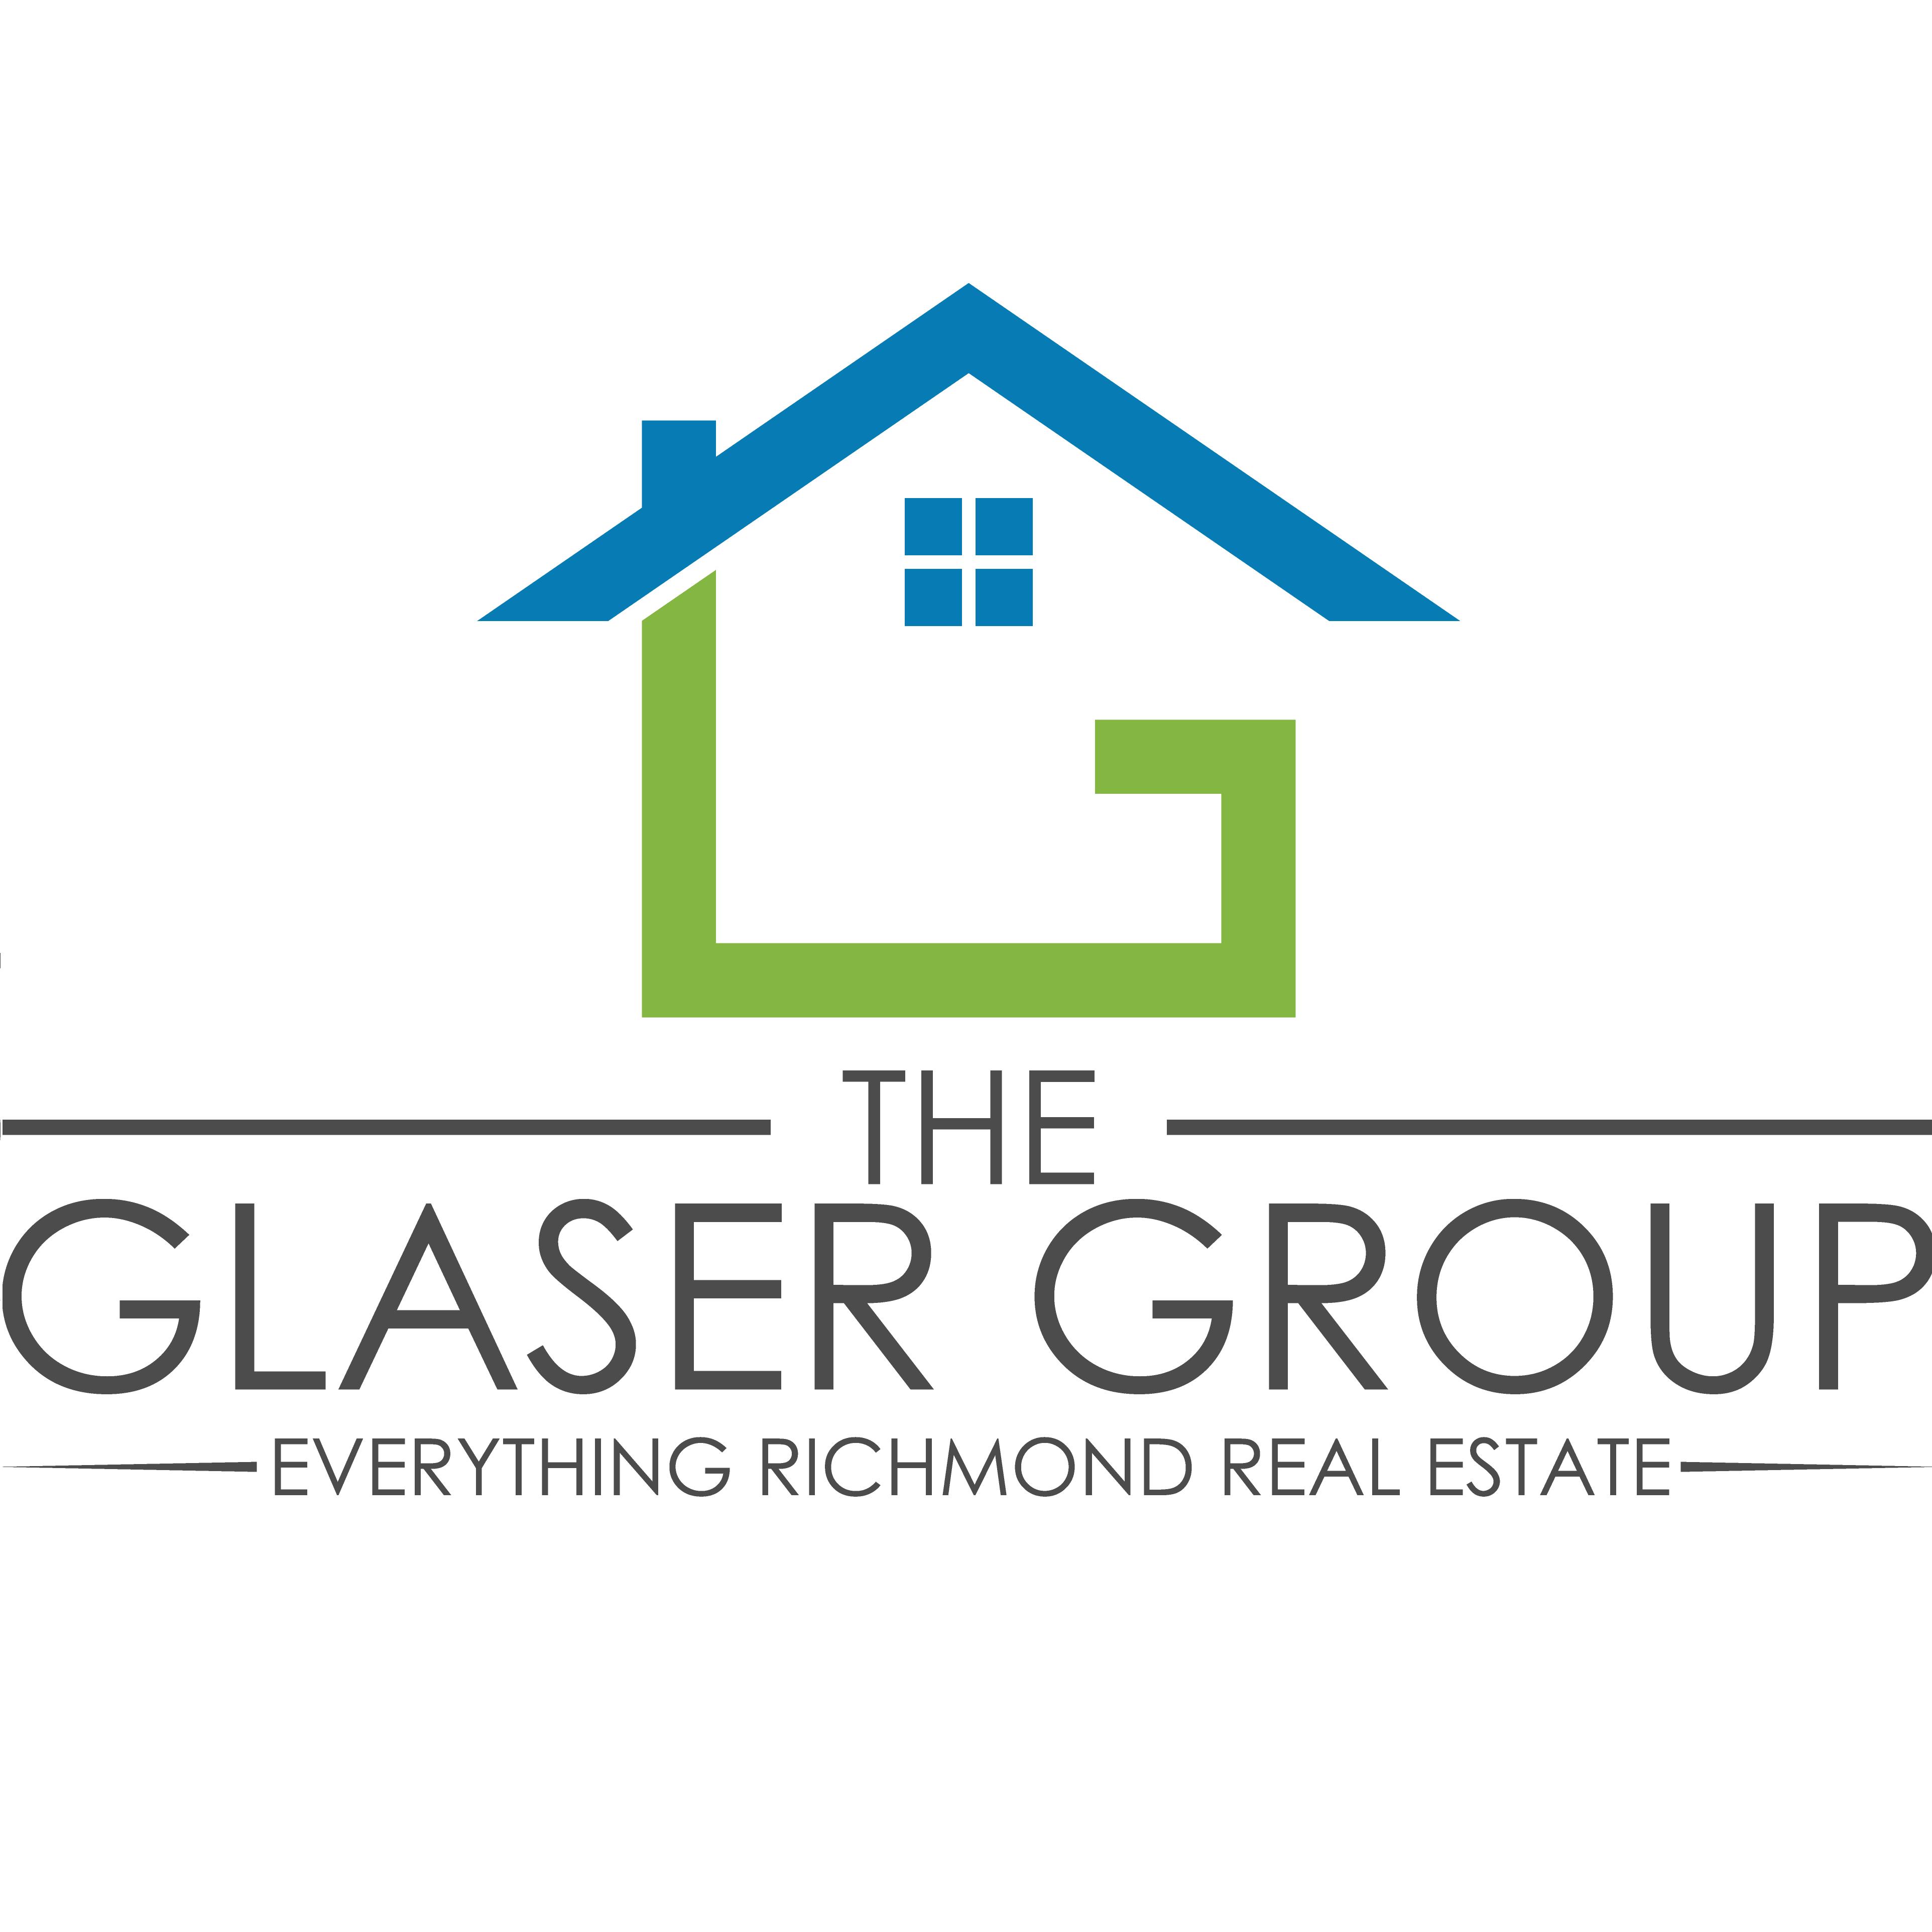 Alex Glaser & The Glaser Group at Long & Foster Realtors image 2